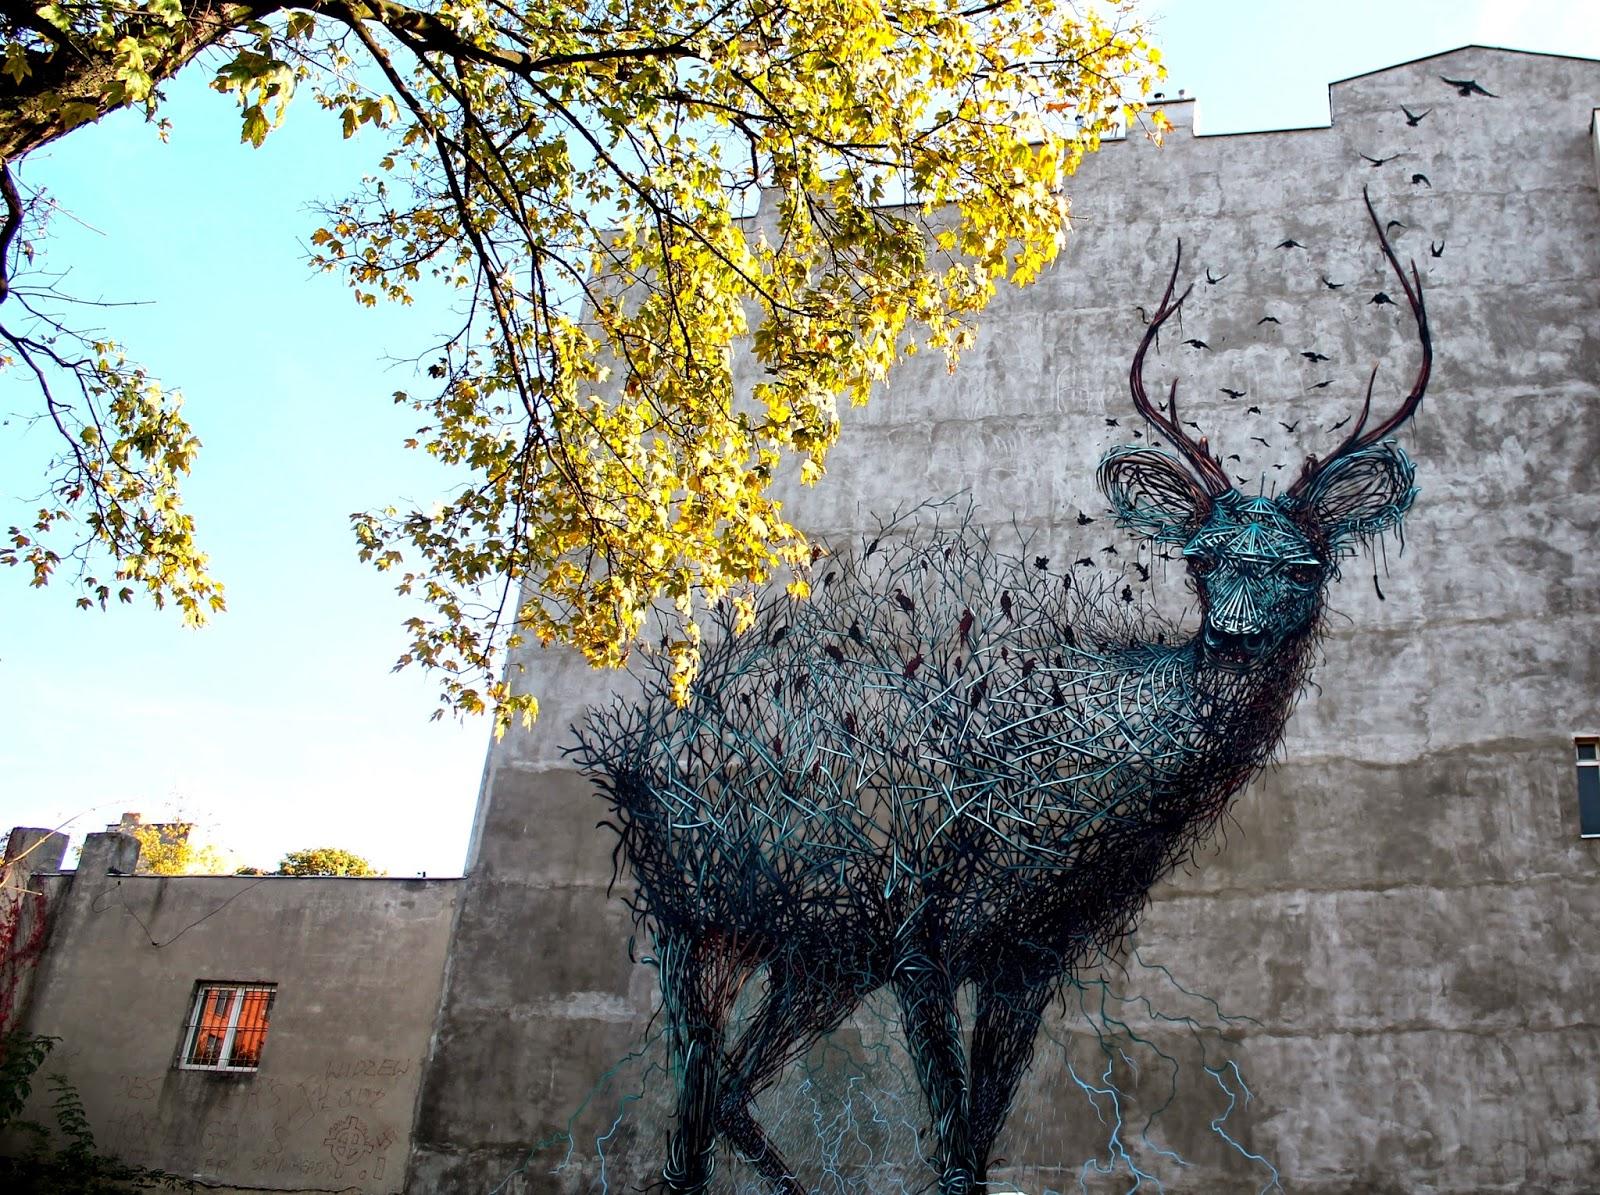 Папка «Фото», Стрит-арт-история развития и лучшие примеры уличного искусства – Муралы Лодзя 2.